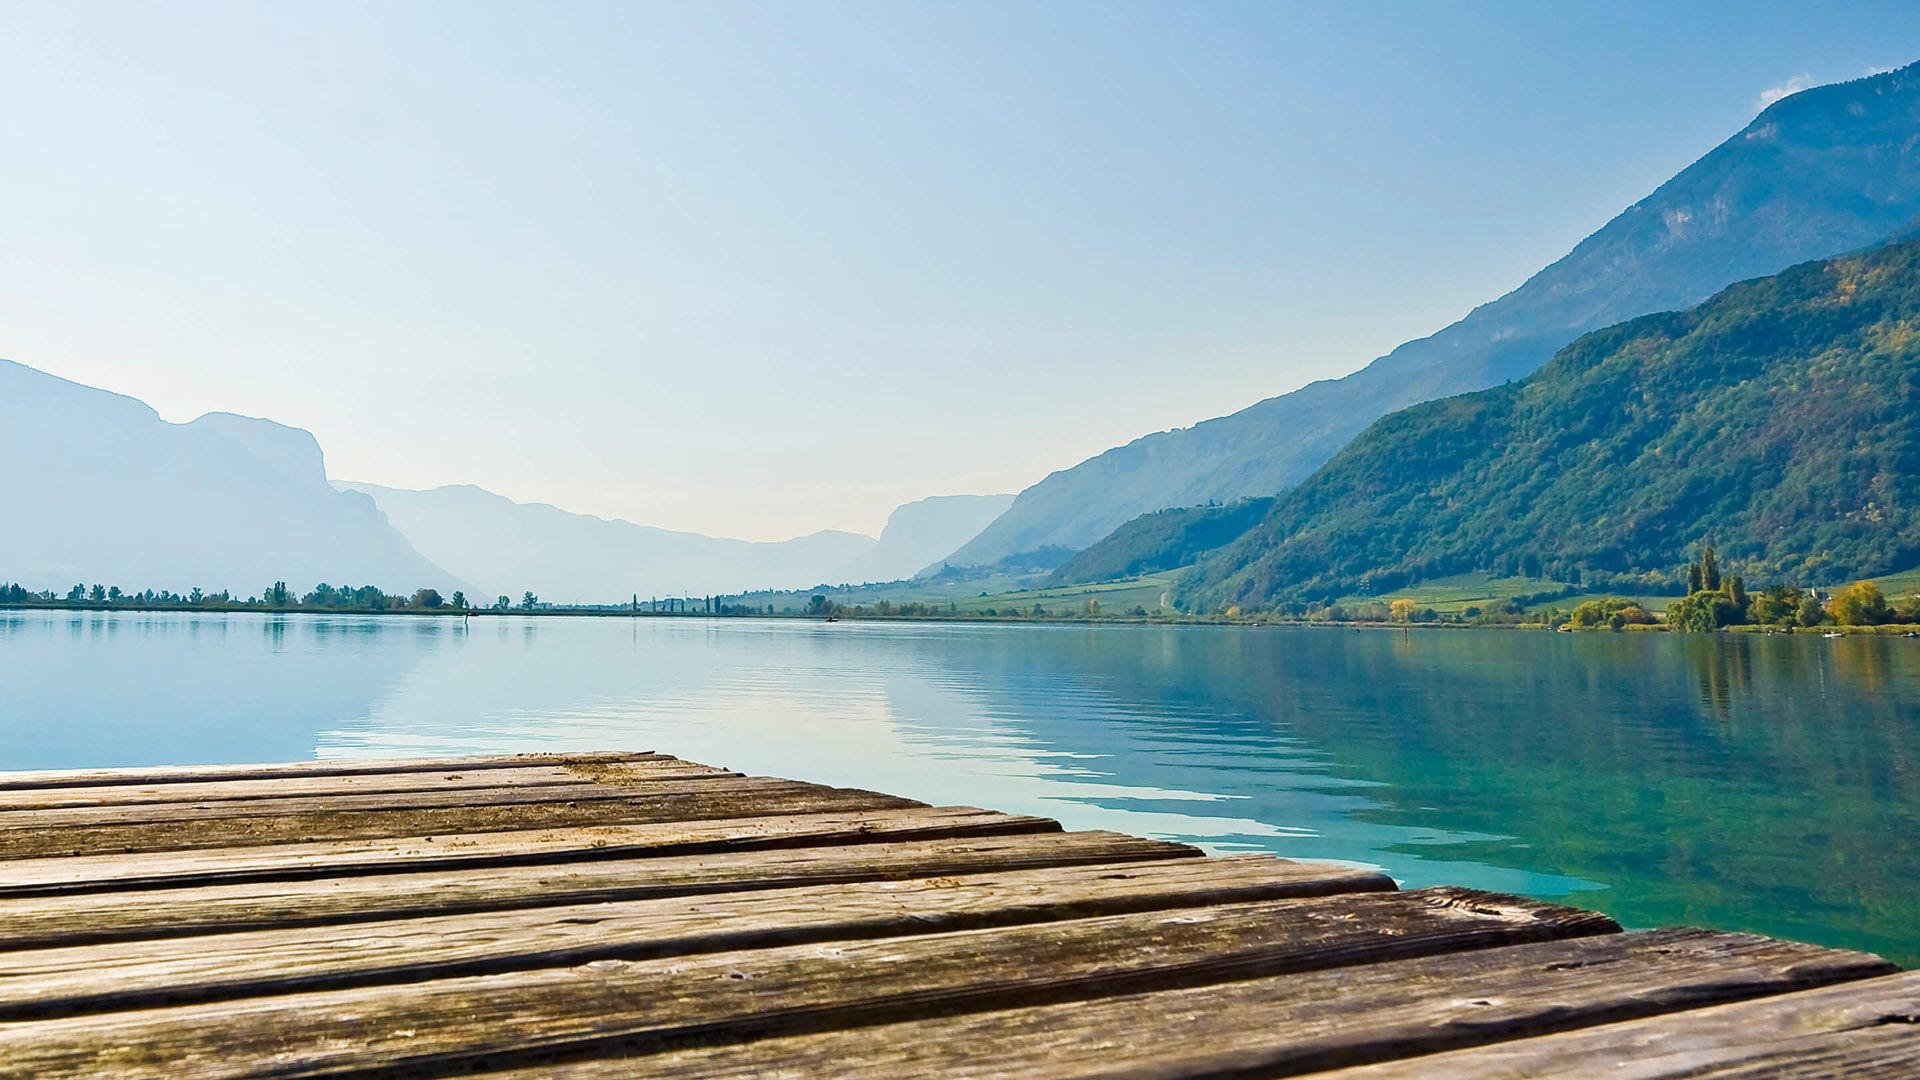 Al lago di caldaro con tanti sport e attivit in acqua for Listino prezzi lago